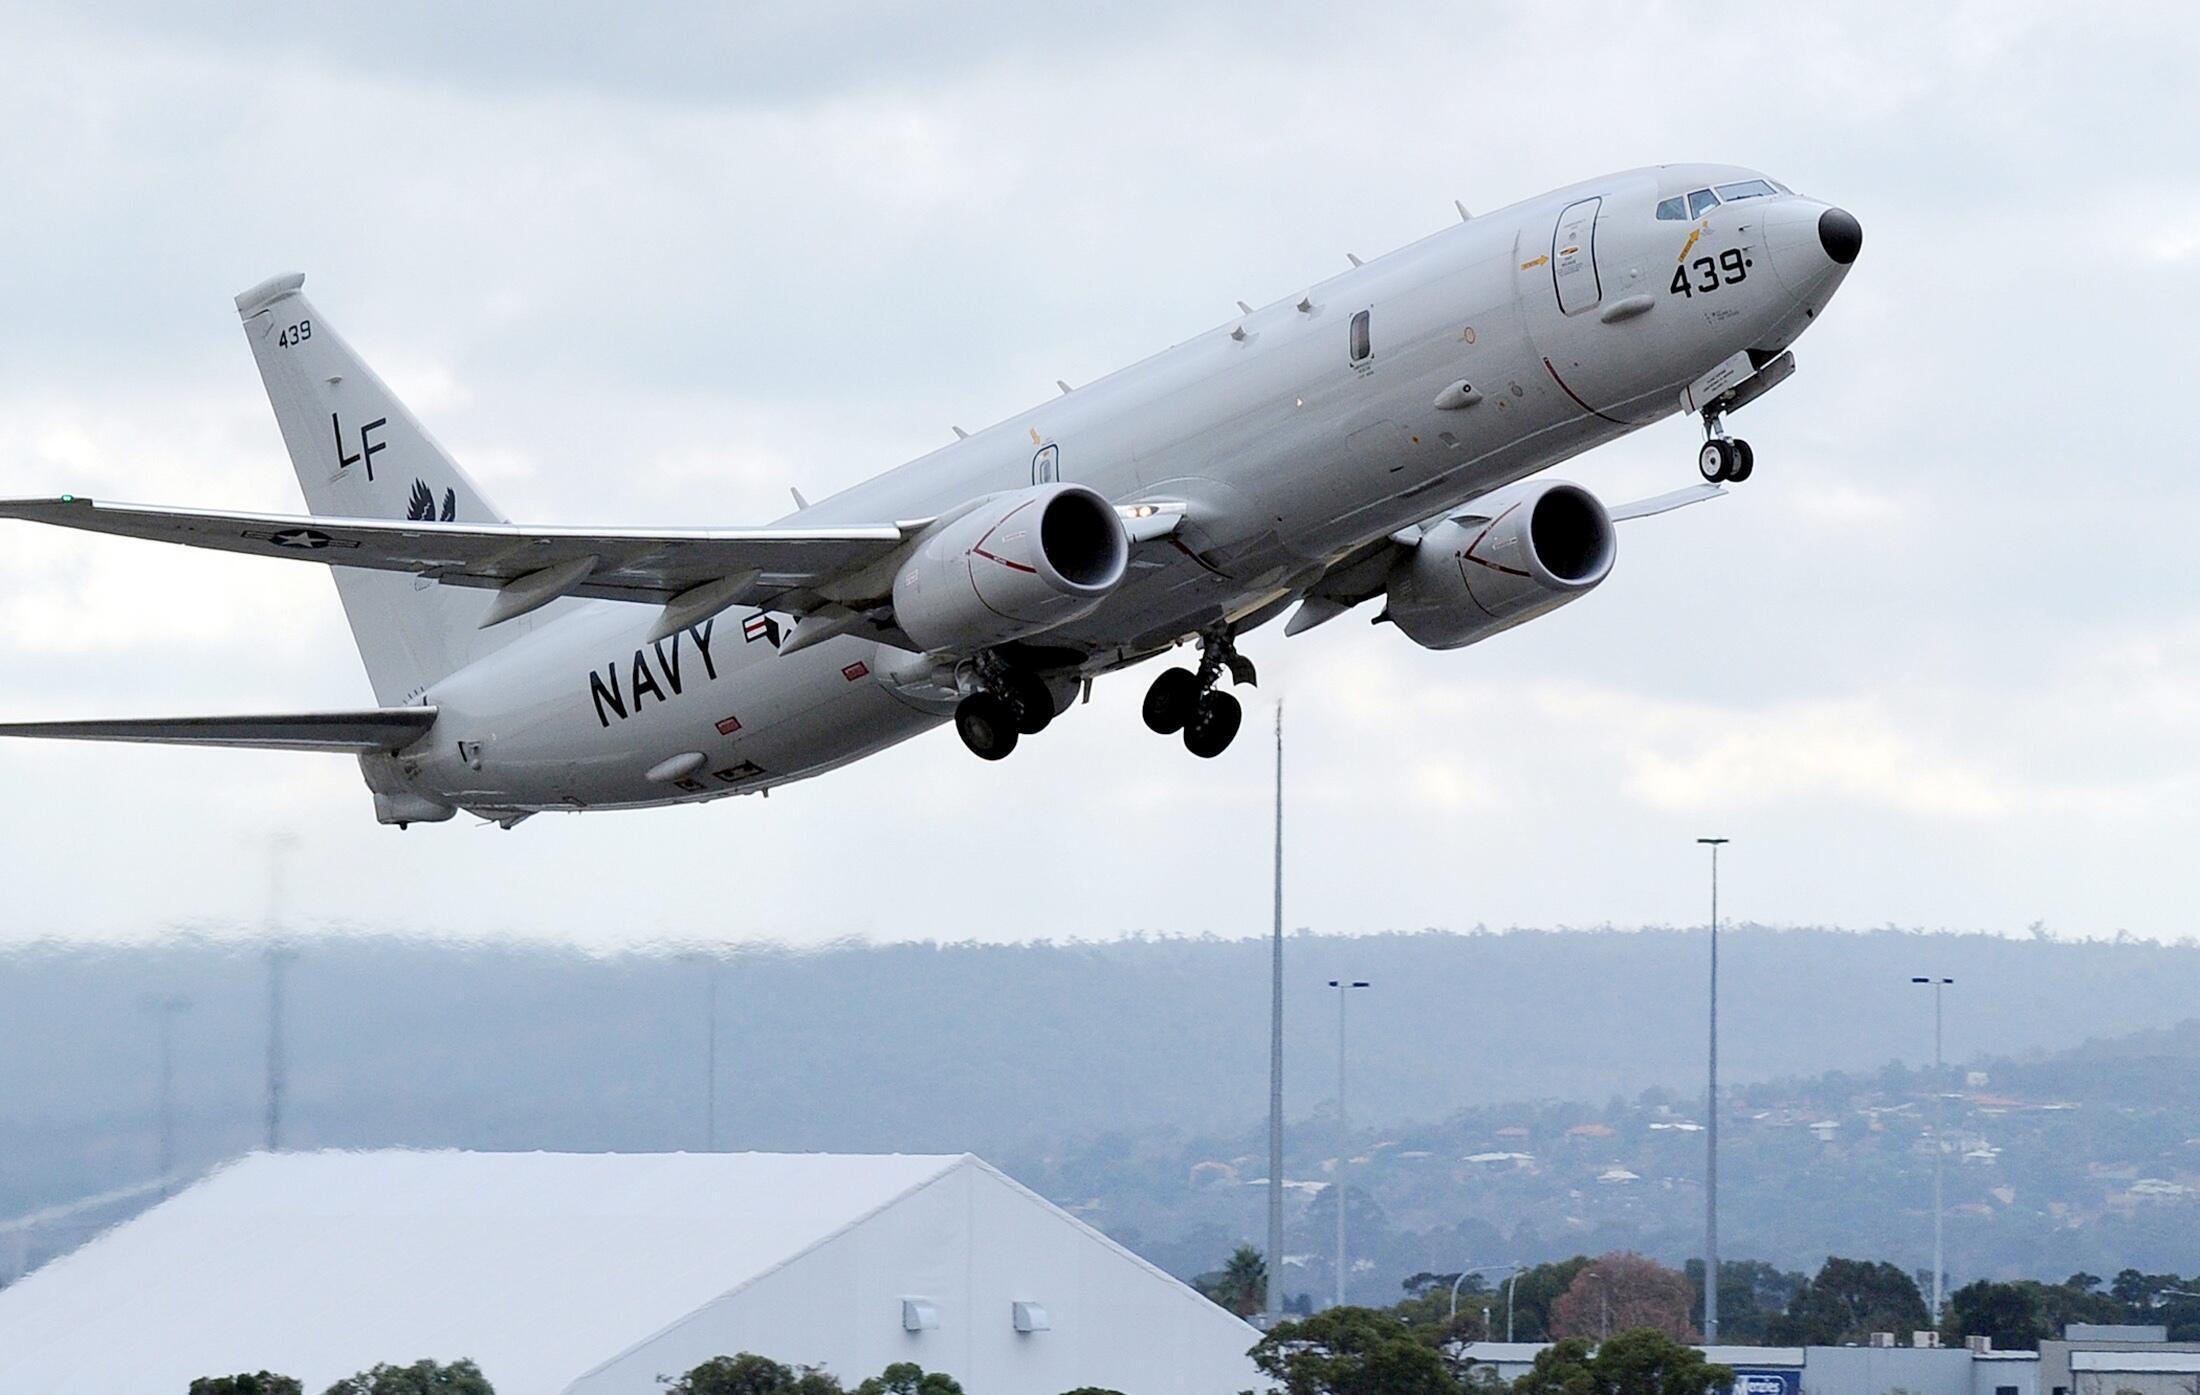 Một chiếc U.S. Navy P-8 Poseiden của Mỹ đang cất cánh từ sân bay quốc tế Perth, ngày 16/04/2014.